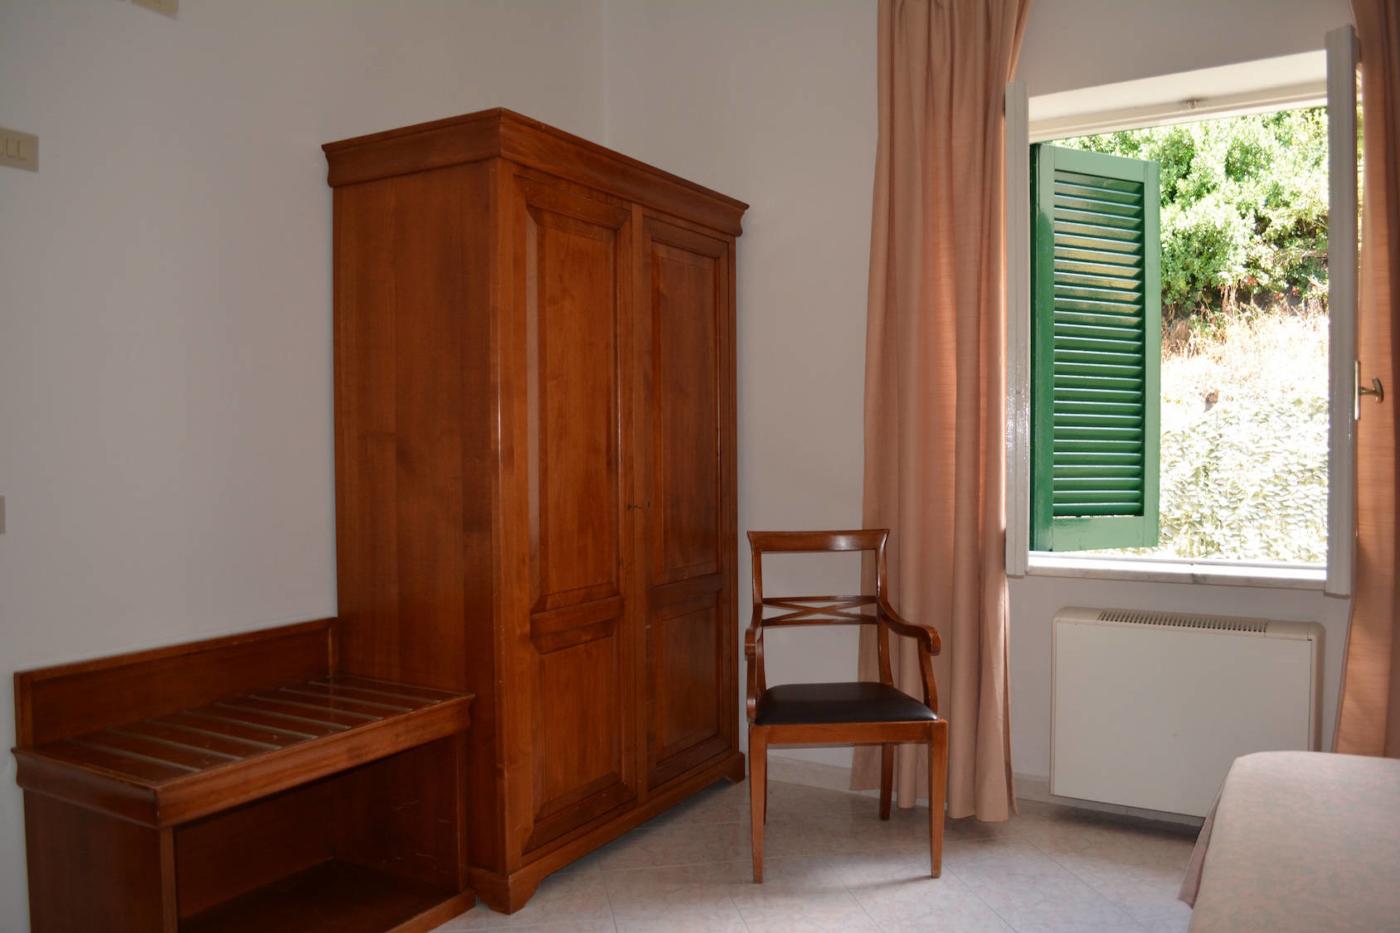 Camera standard tripla e quadrupla con balcone